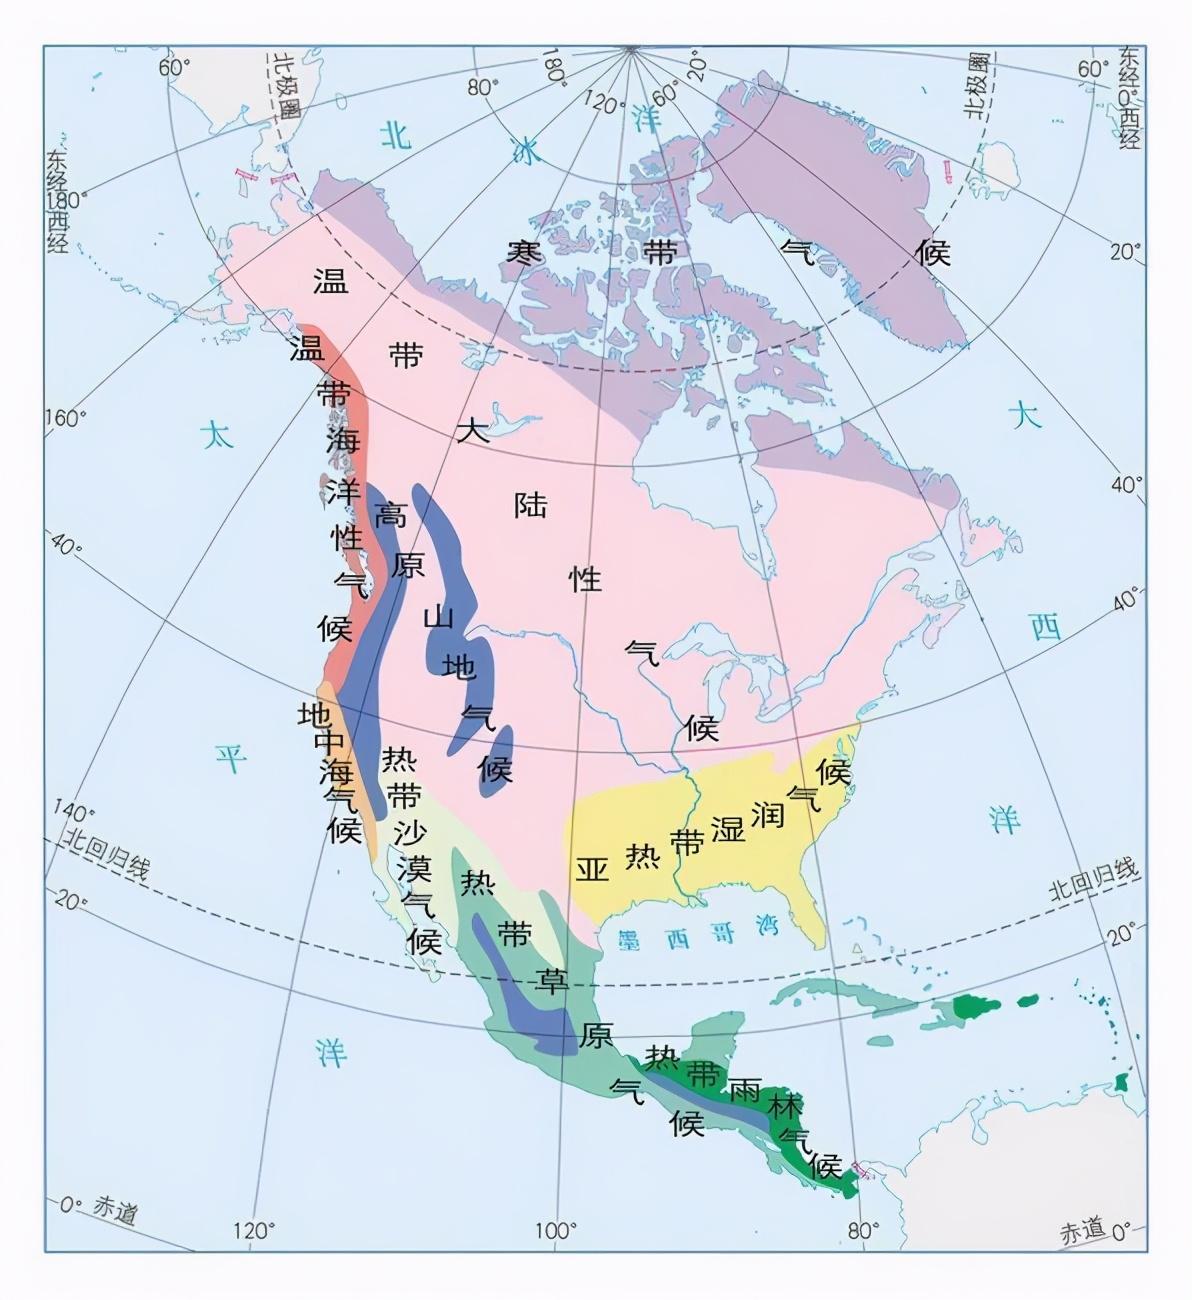 高中地理――每日讲1题(北美洲的气候、迎风坡、盛行西风)